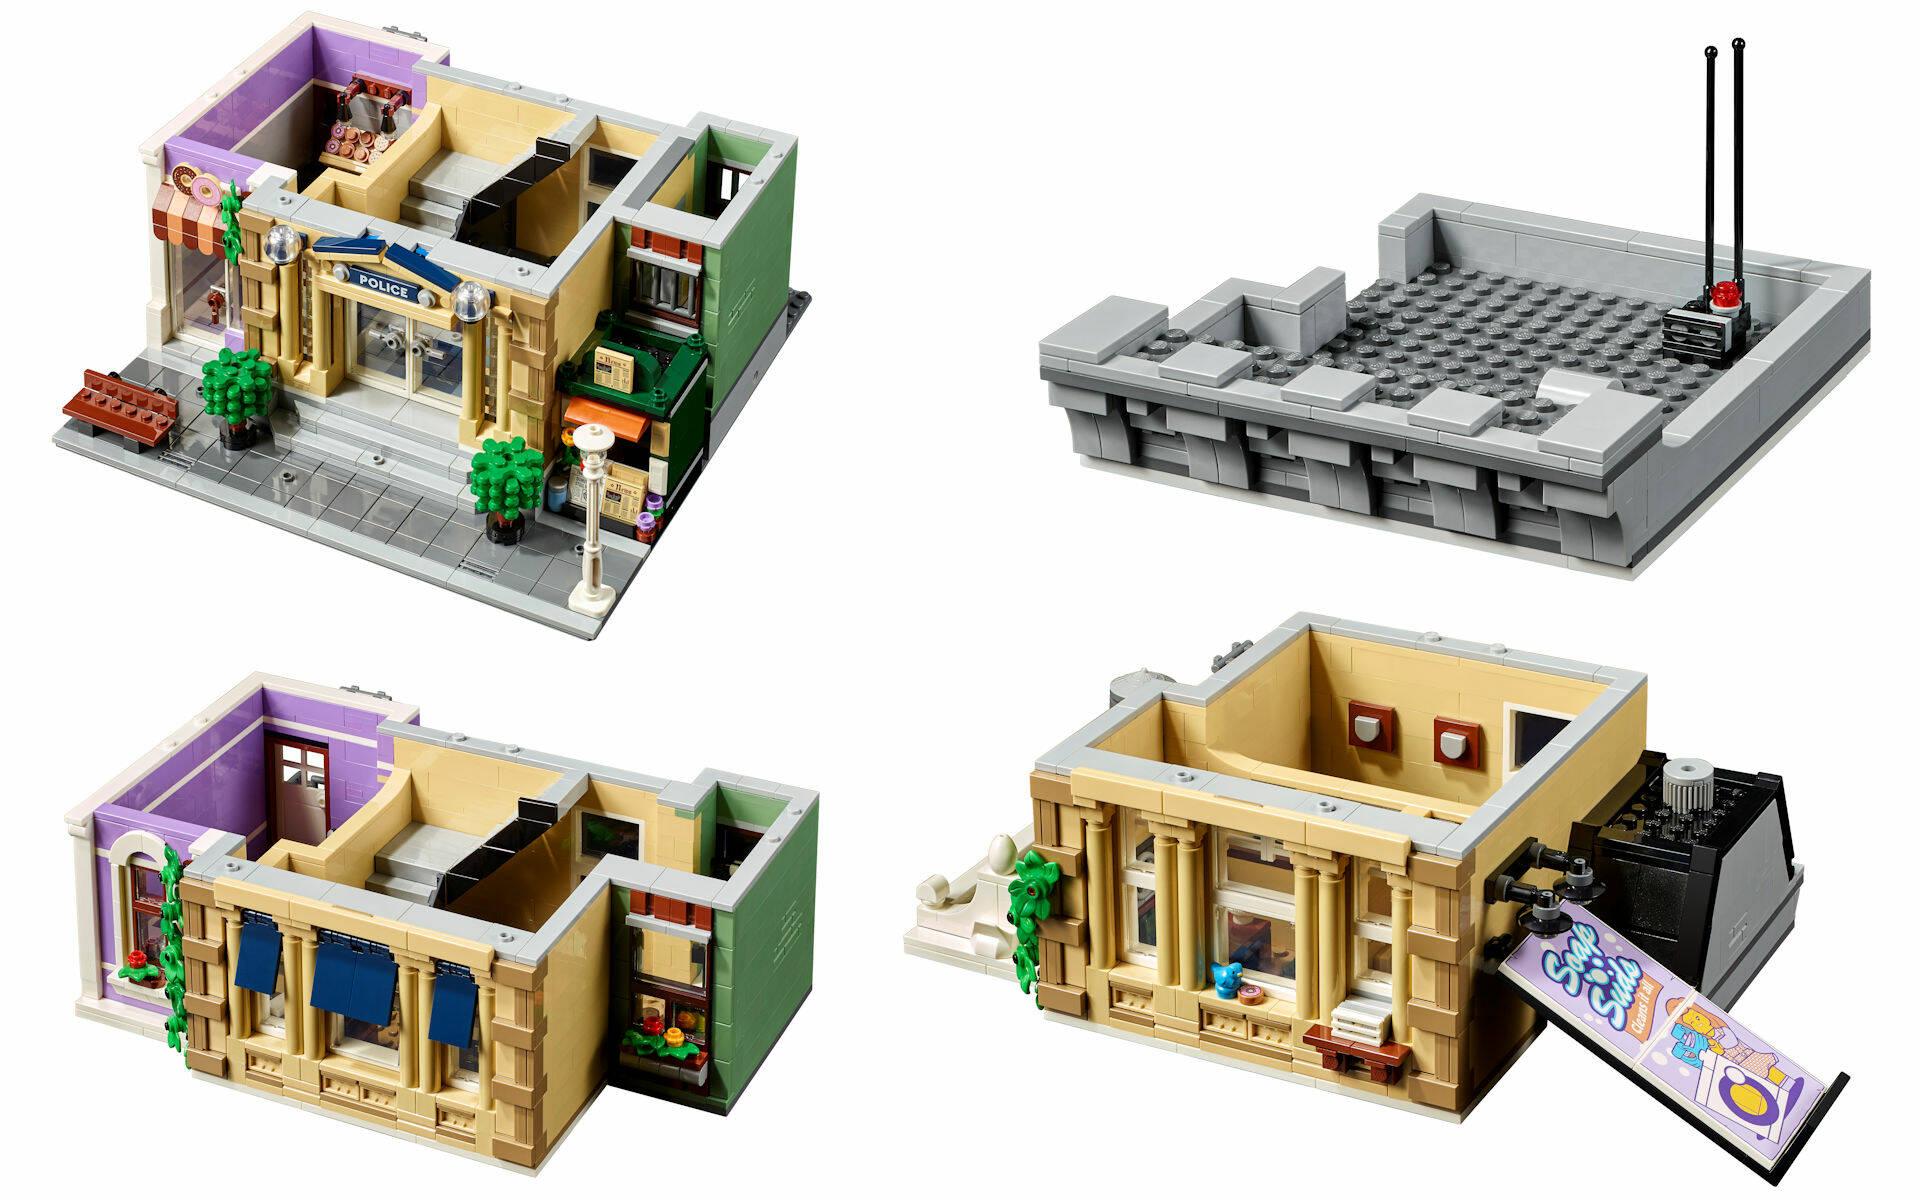 LEGO 18 PLUS MODULAR BUILDING 10278 Stazione di Polizia